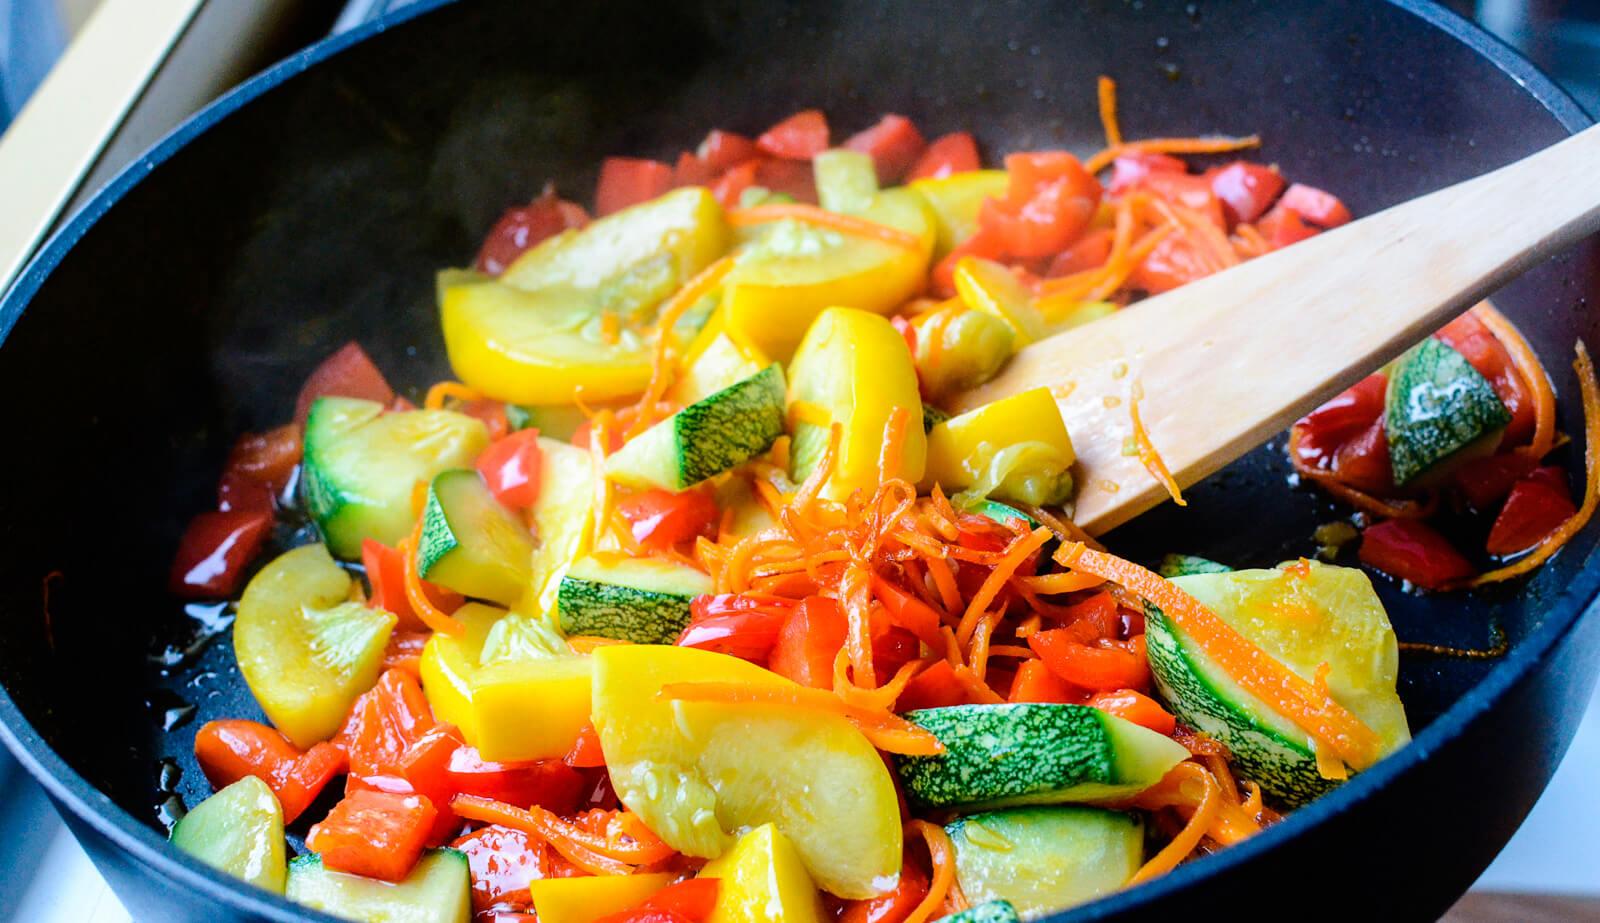 Какие продукты любит поджелудочная железа: симптомы панкреатита, особенности диеты при заболевании и возможные осложнения